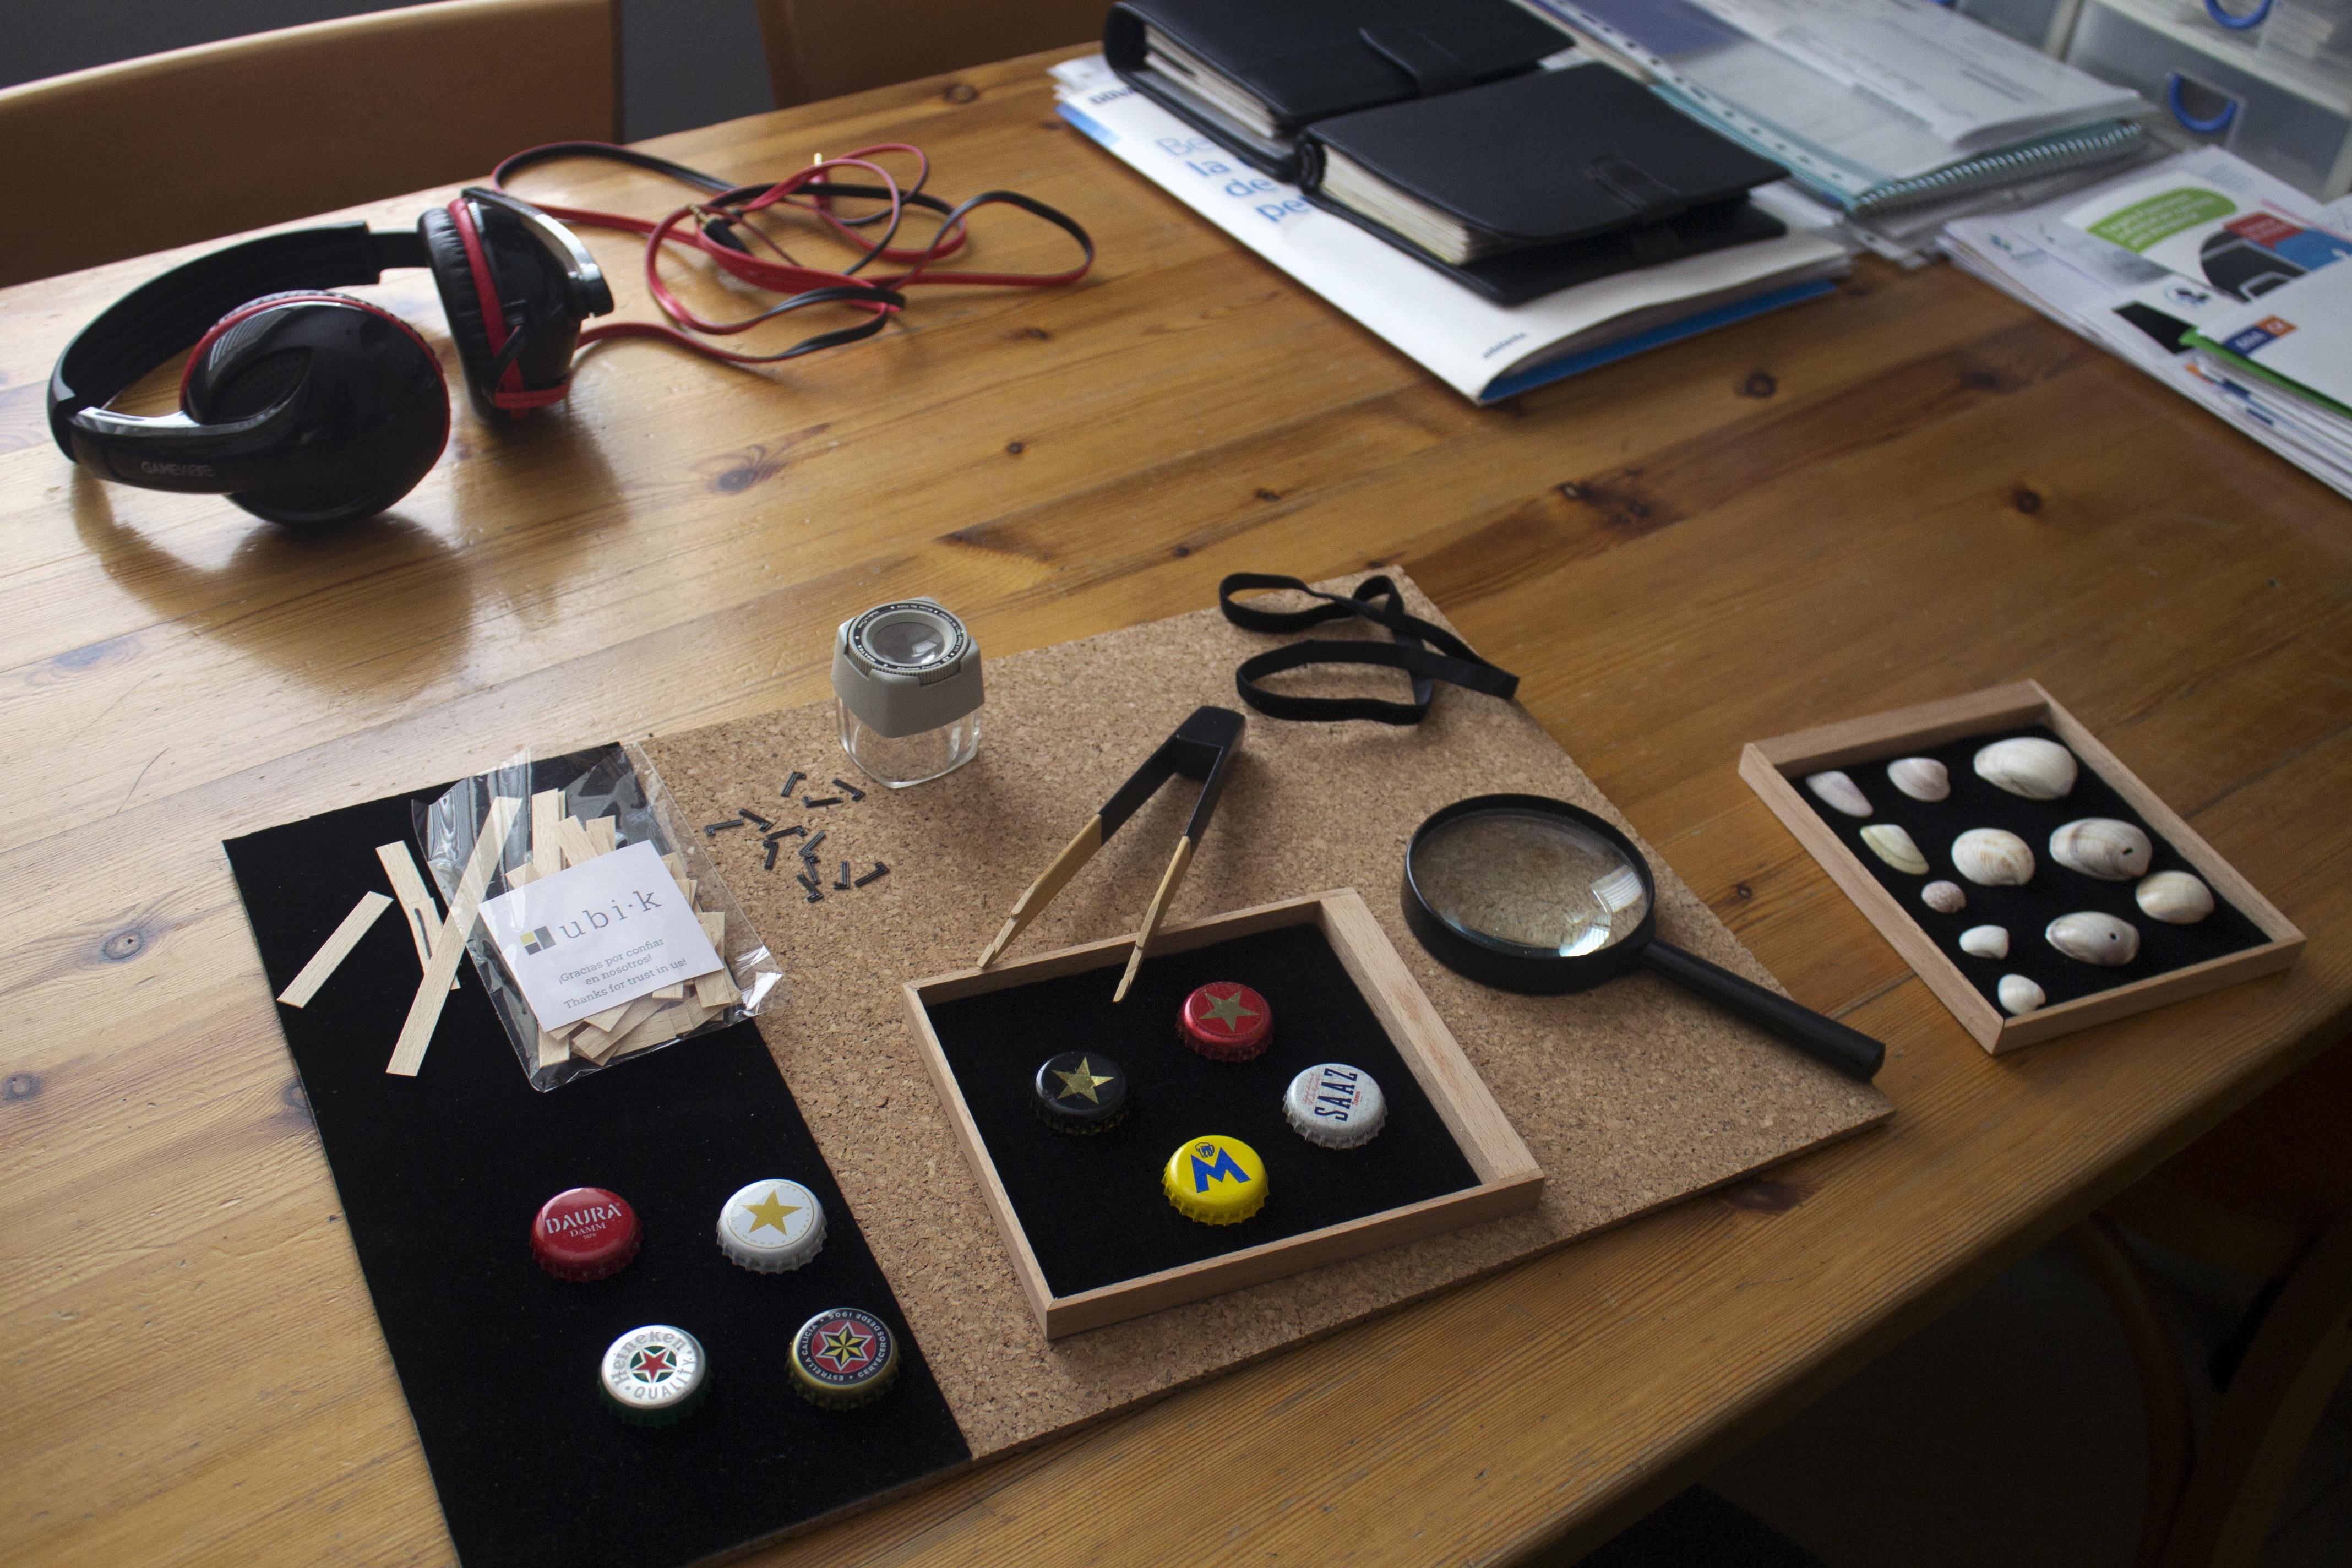 Bandejas y accesorios Ubi-k diseñados para coleccionistas que quieren mostrar y exhibir sus colecciones - monedas / numismática / euros